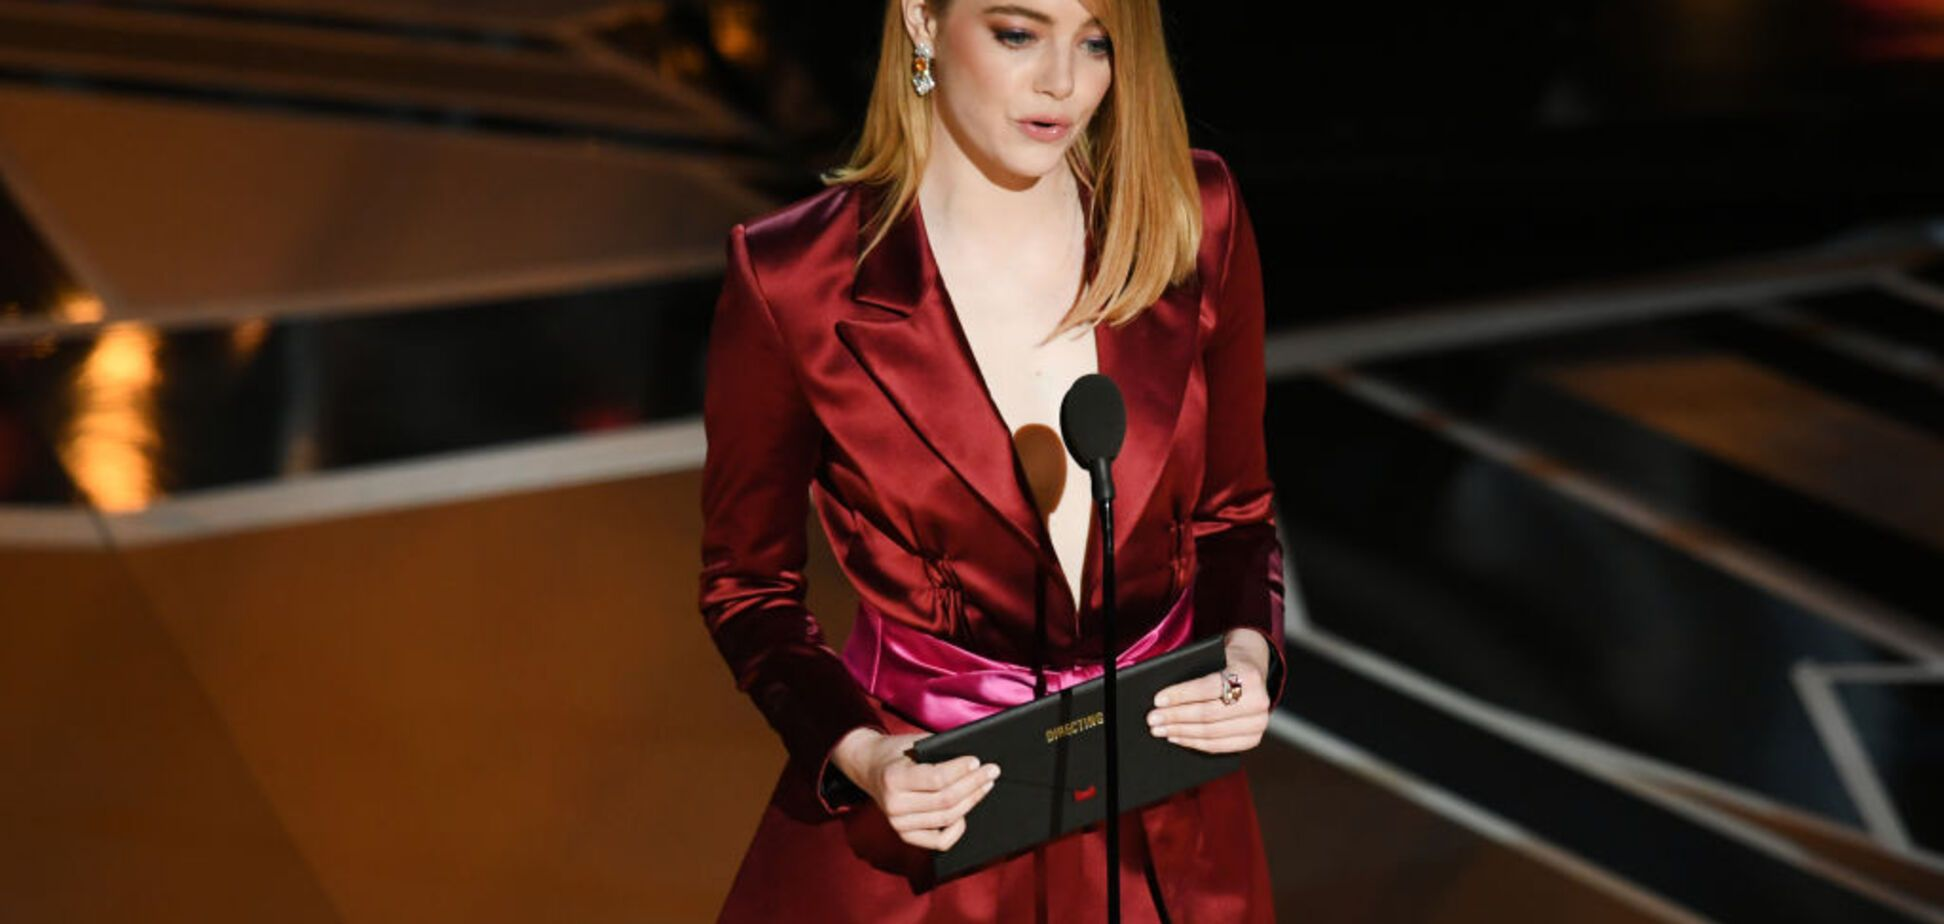 Эмма Стоун без нижнего белья выступила на церемонии 'Оскара'